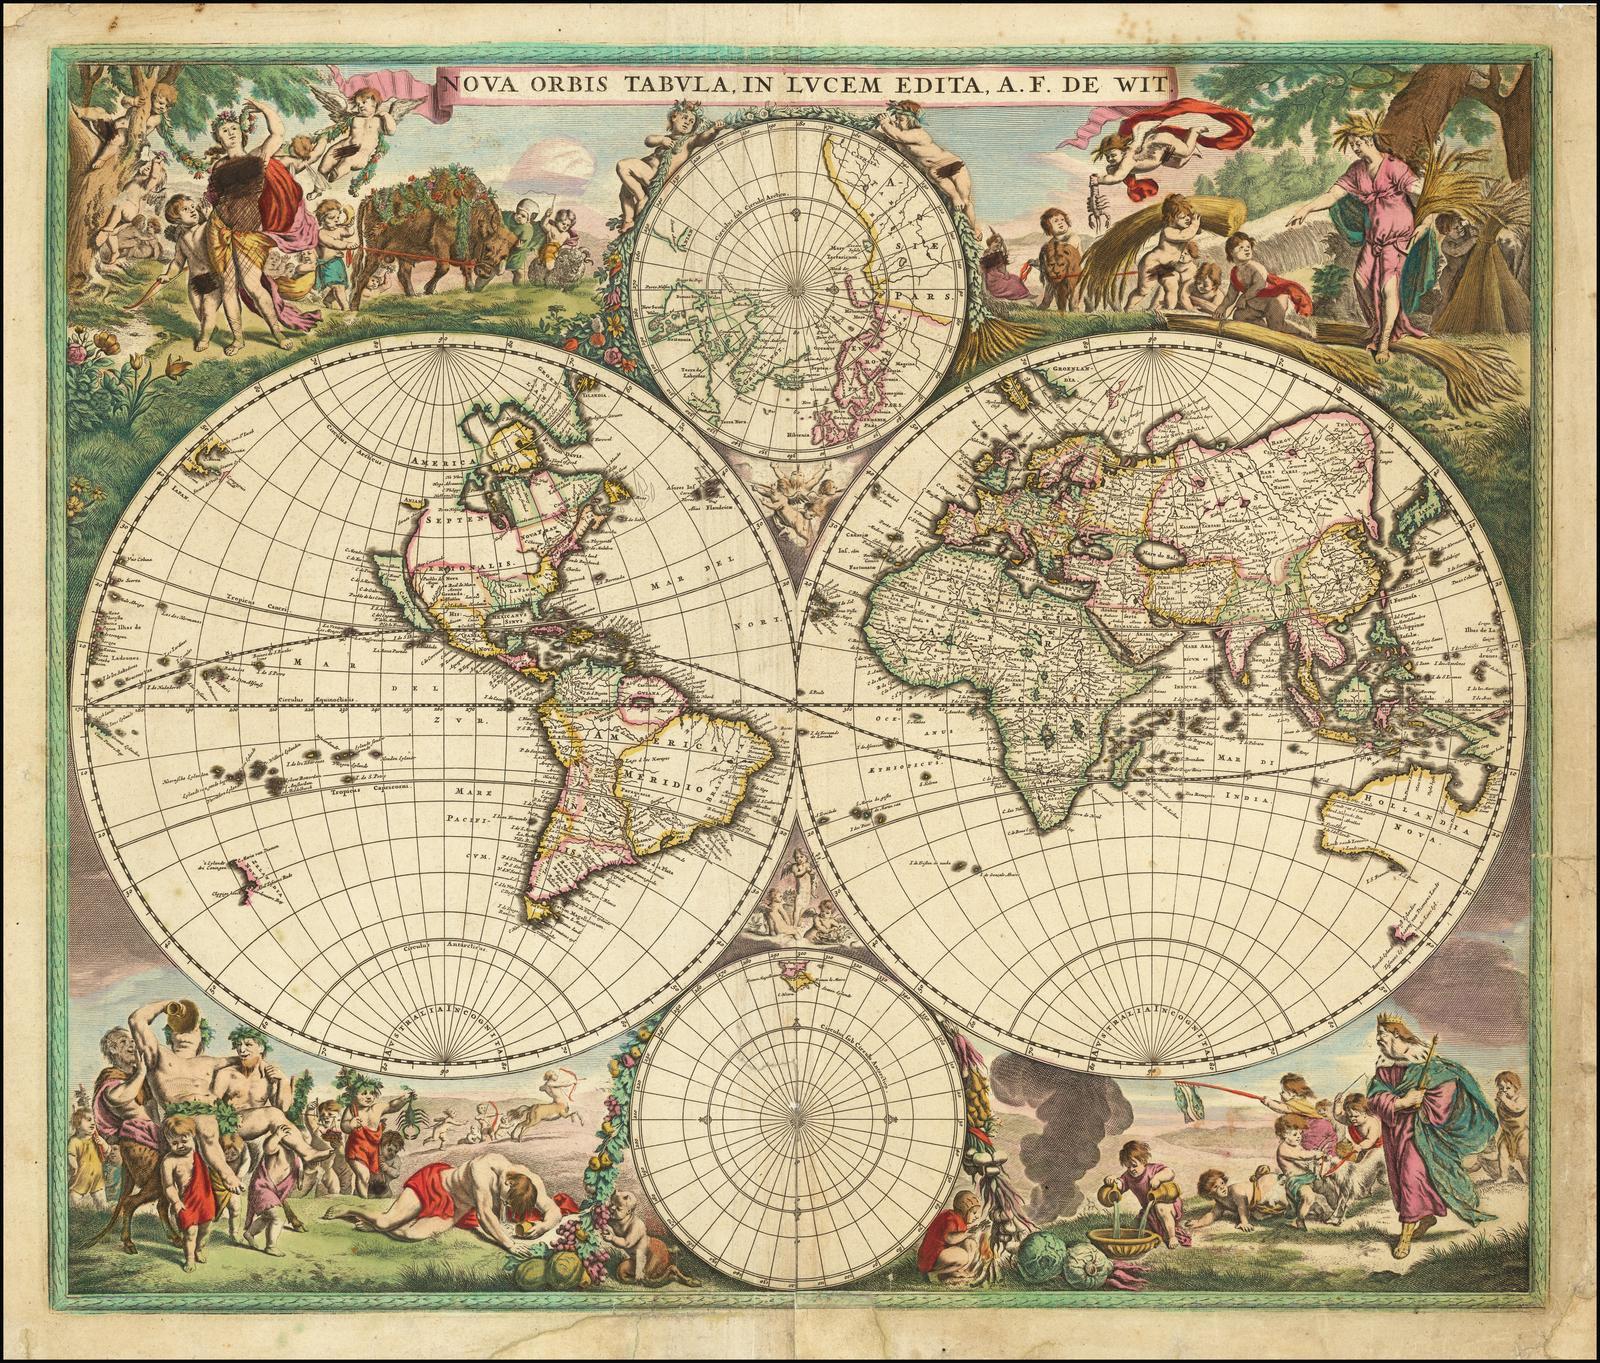 Двухполушарная карта мира Фредерика де Вита с существенно новыми картографическими деталями в Юго-Восточной Азии и к северу от Новой Зеландии